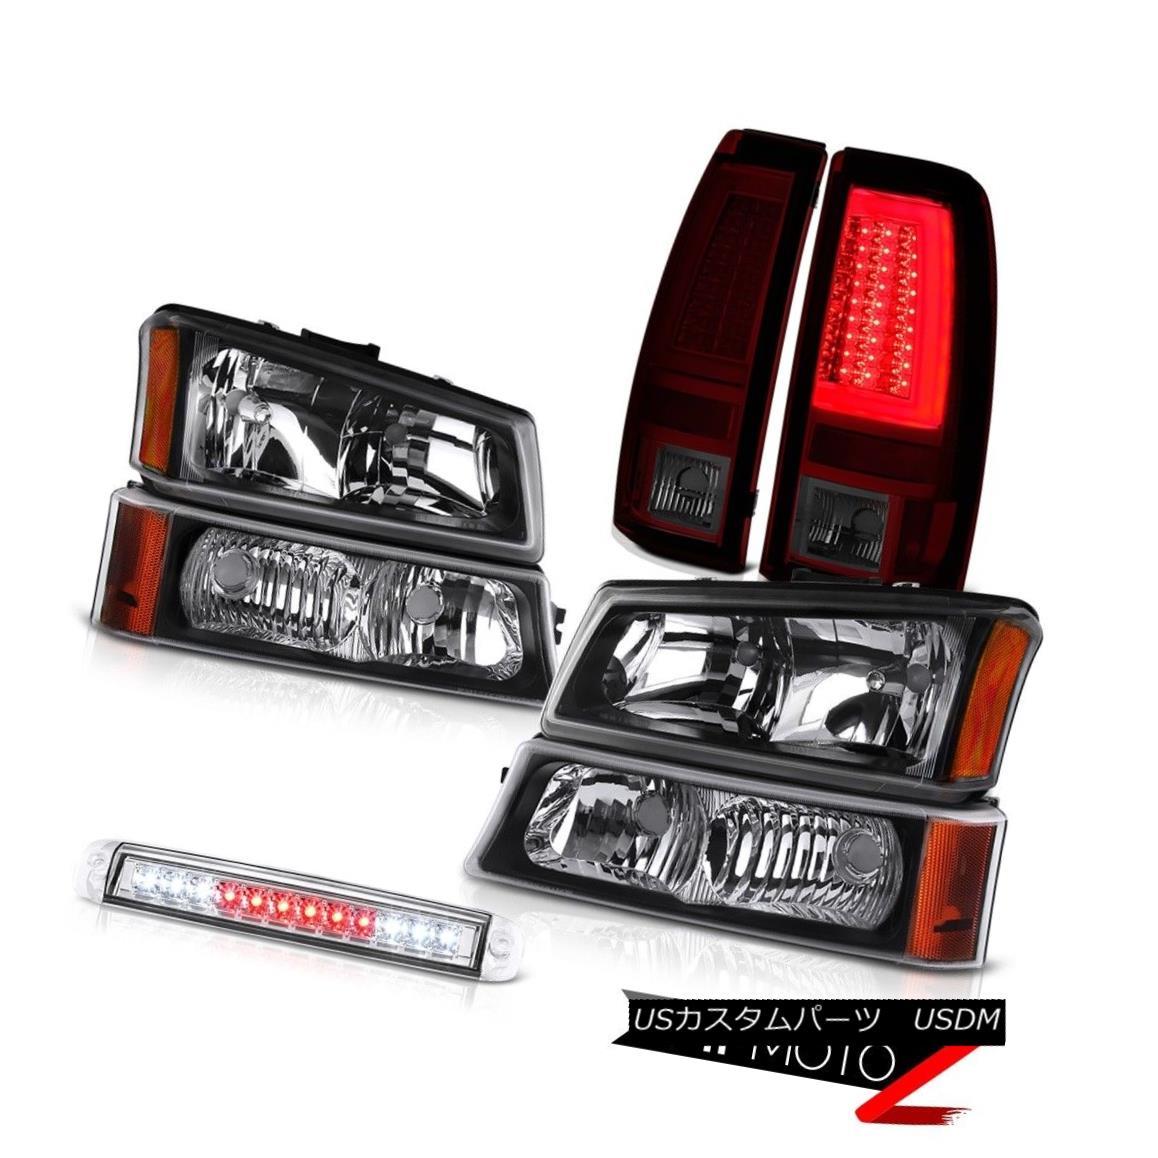 ヘッドライト 03 04 05 06 Silverado 1500 Tail Lamps Roof Cab Light Bumper Headlights Tron Tube 03 04 05 06 Silverado 1500テールランプルーフキャブライトバンパーヘッドライトTron Tube